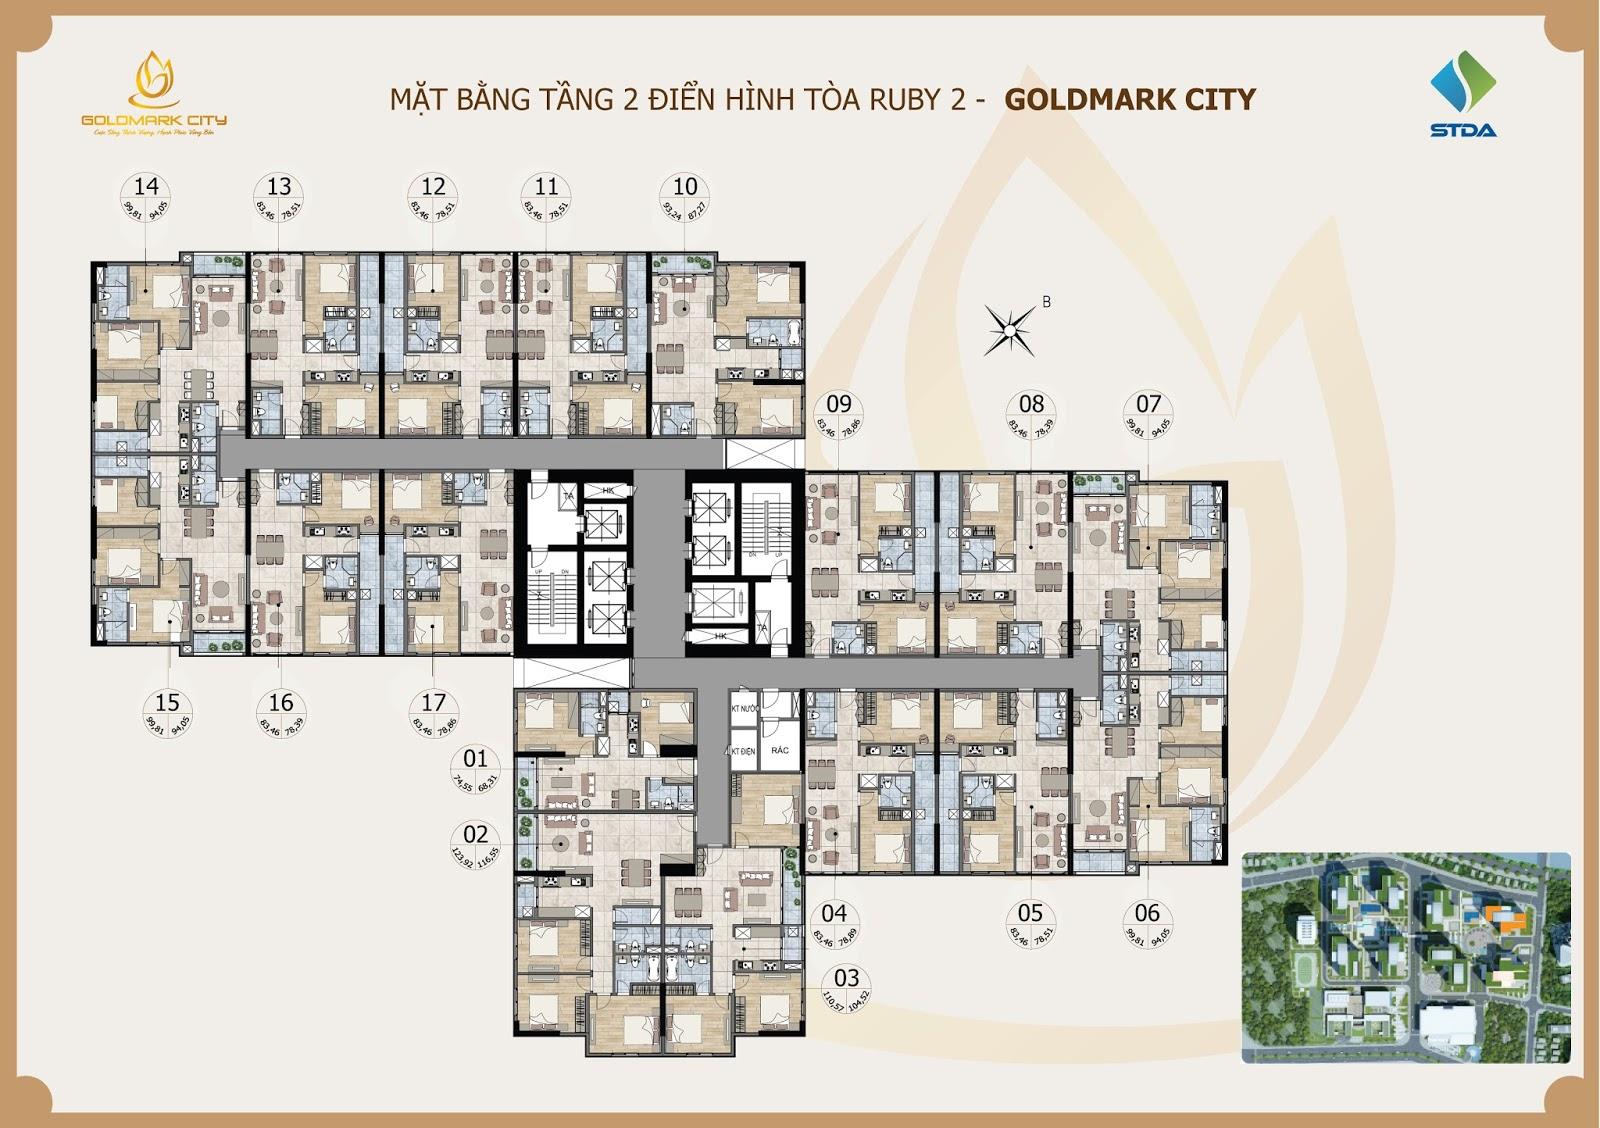 Mặt Bằng 3D Chung Cư Goldmark City Ruby 2